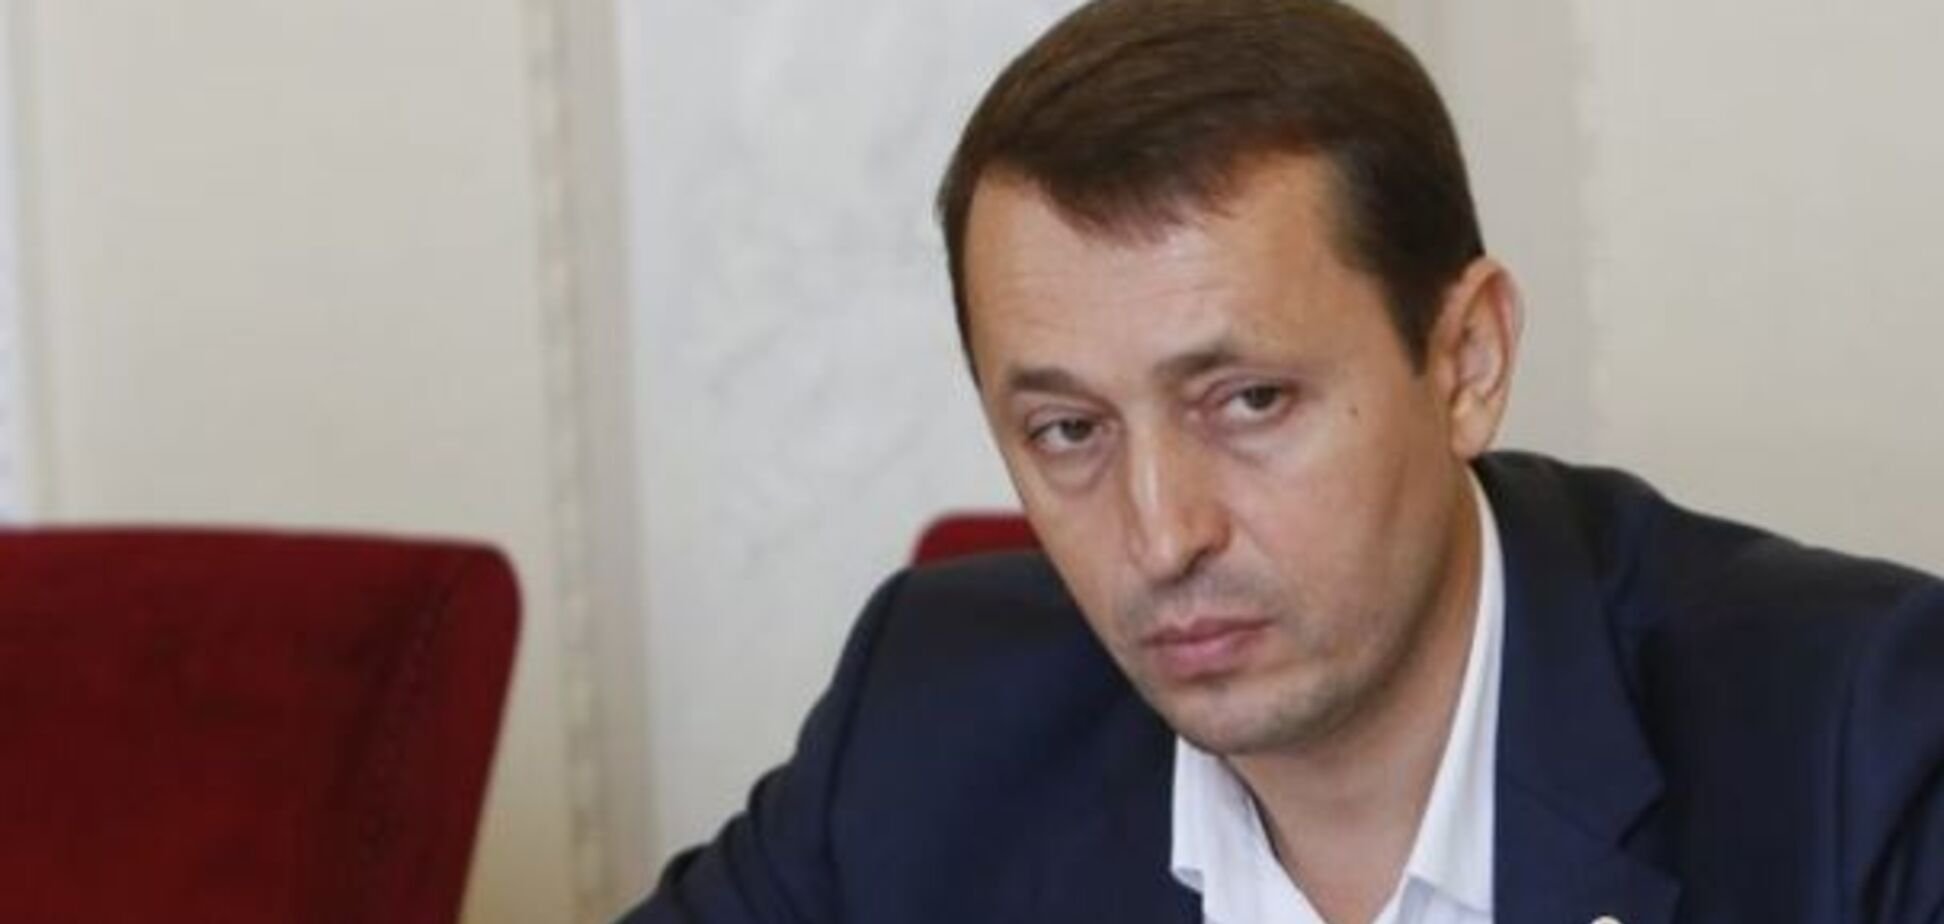 Підкуп виборців: ДБР викликала на допит нардепа